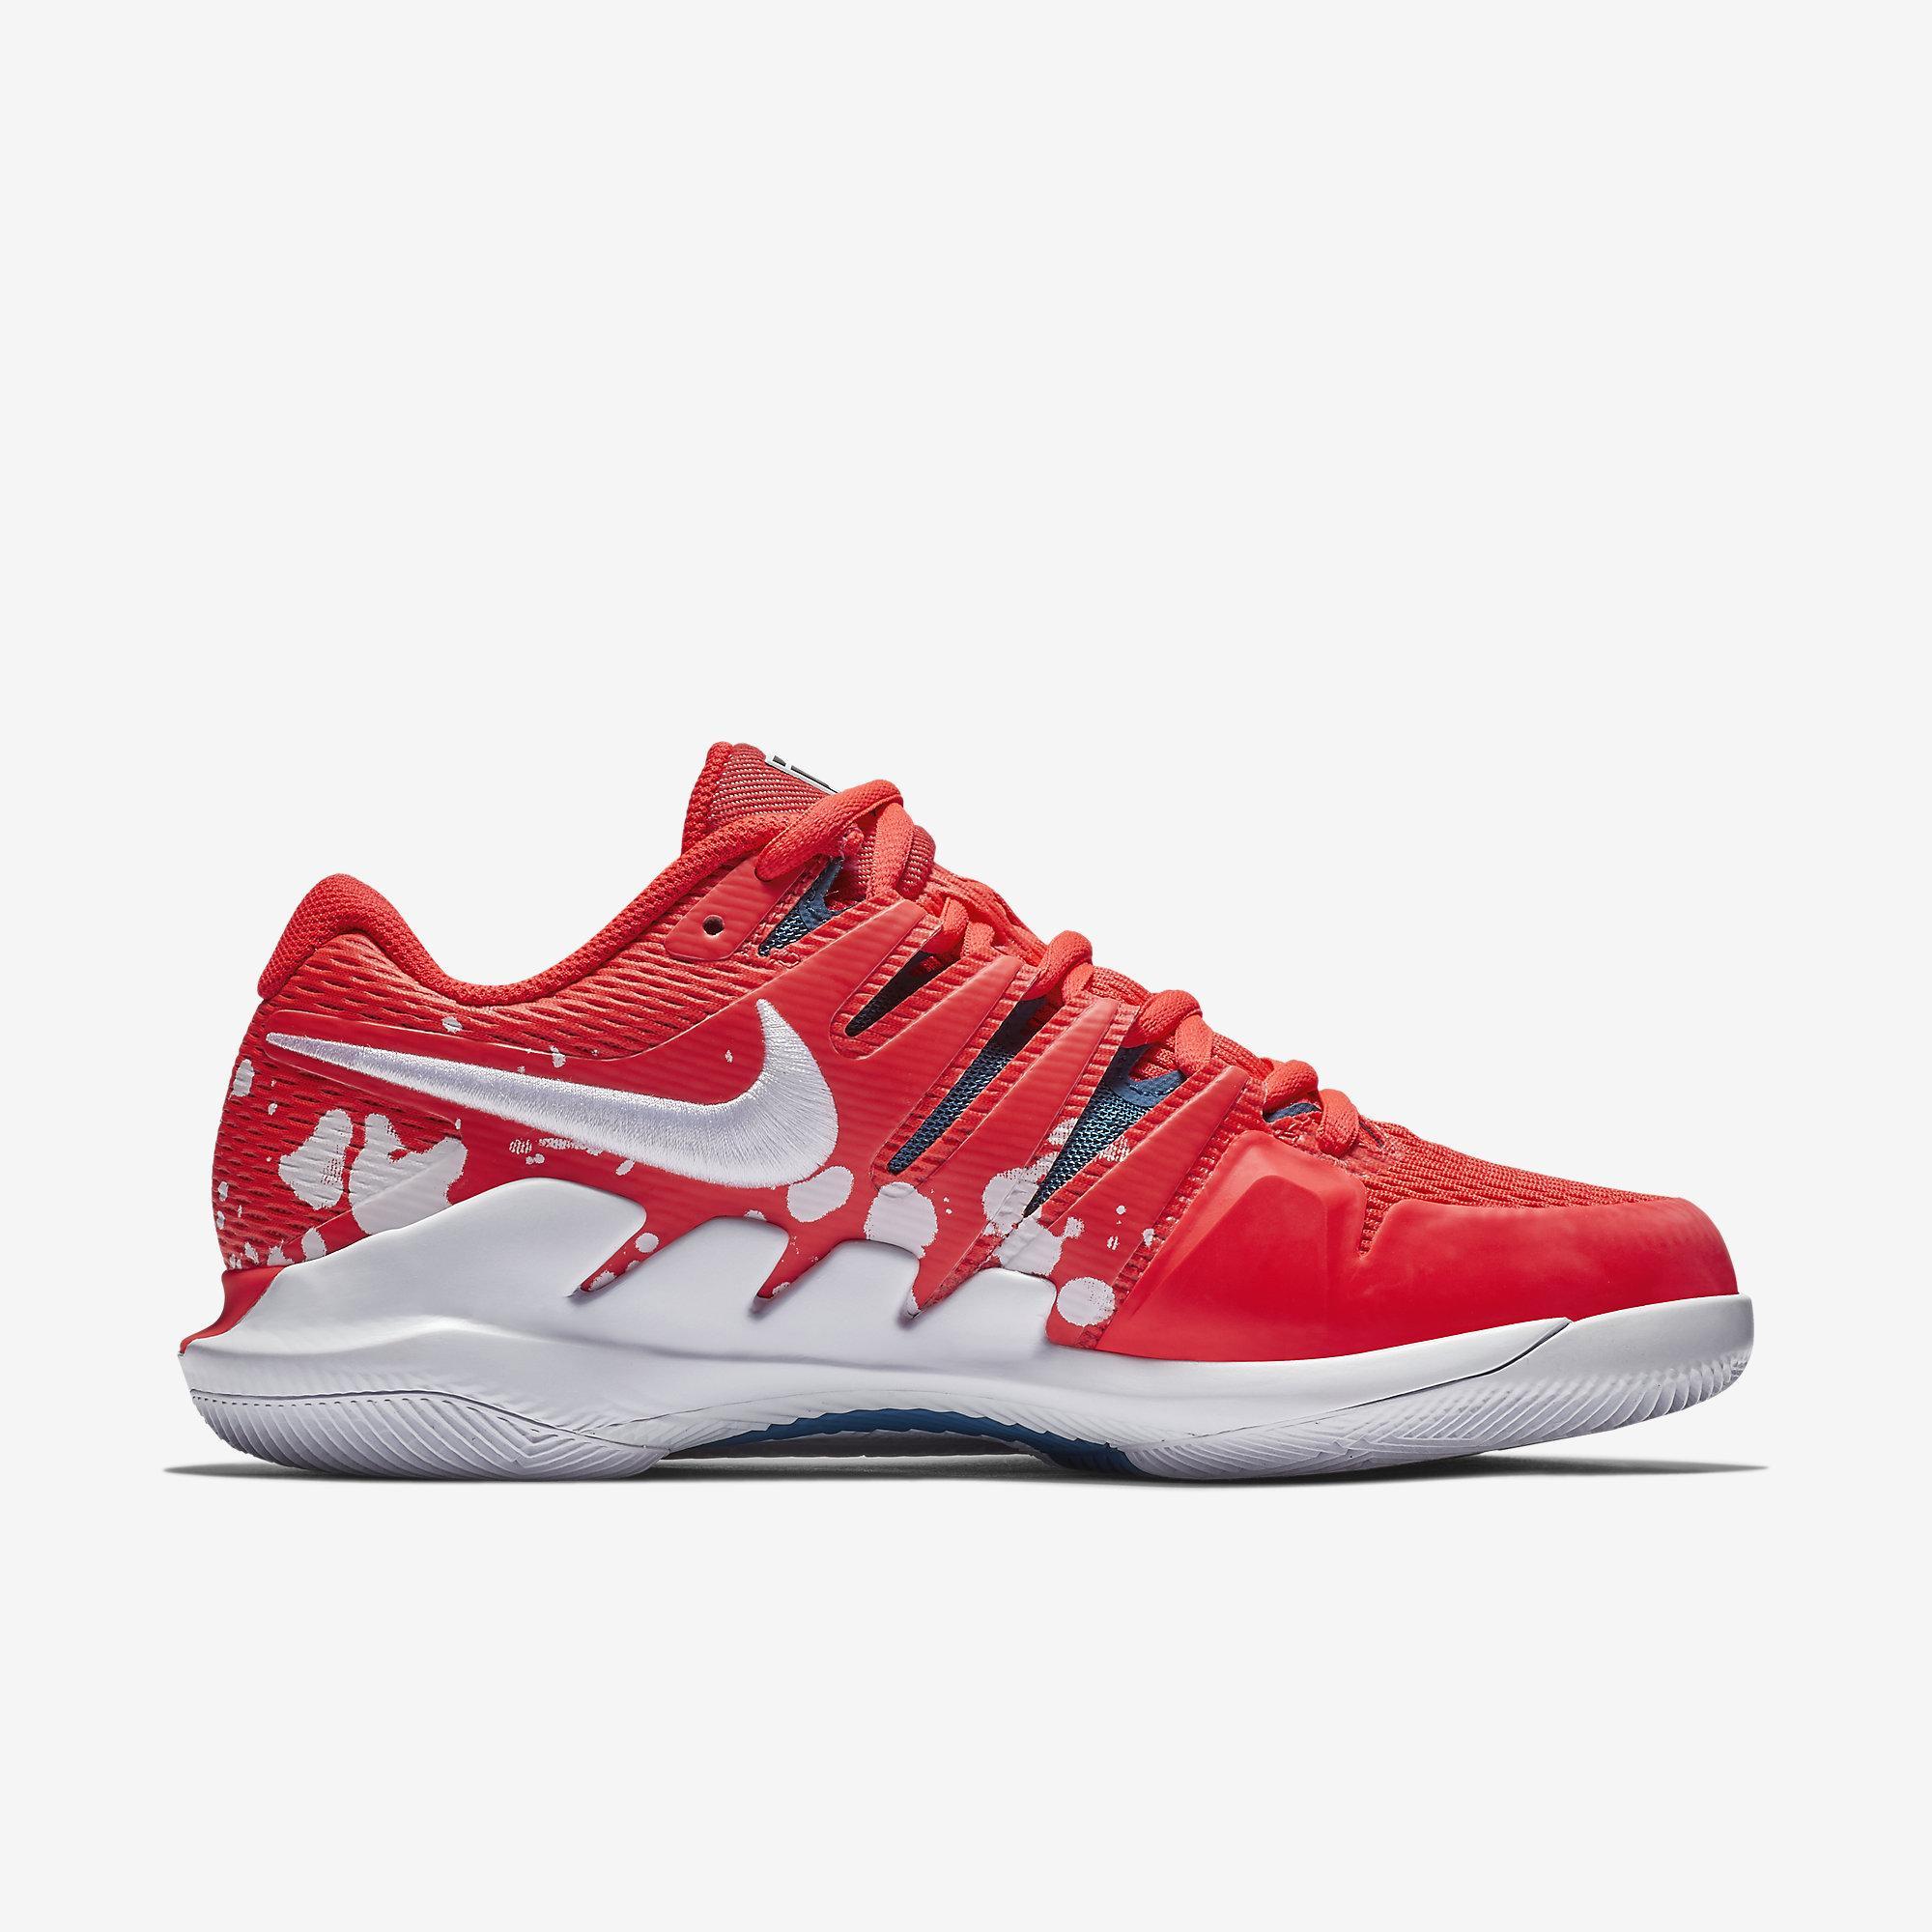 bdedf8366129 Nike Womens Air Zoom Vapor X Premium Tennis Shoes - Bright Crimson ...